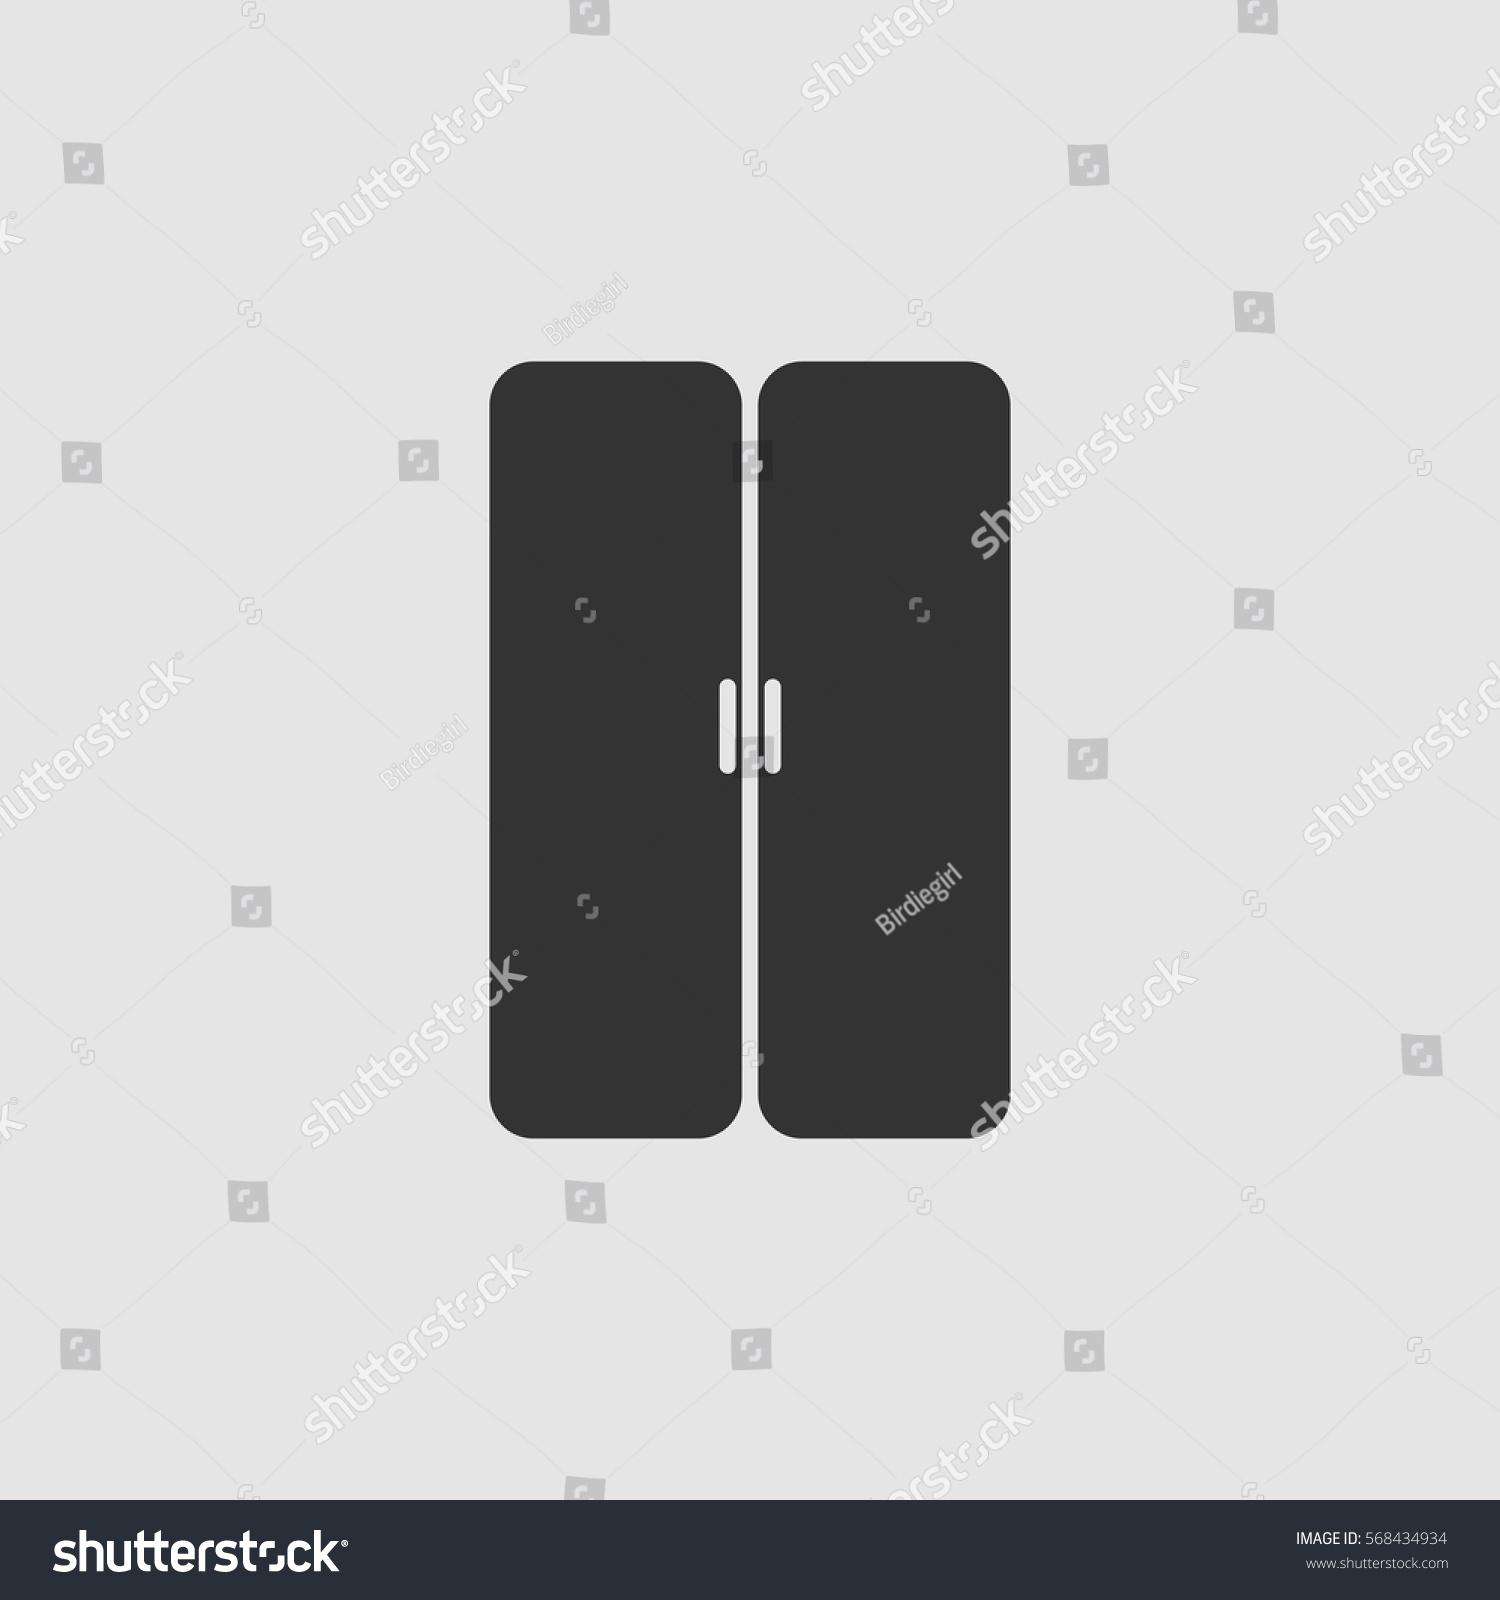 Double Door Icon Flat Black Pictogram Stock Vector 568434934